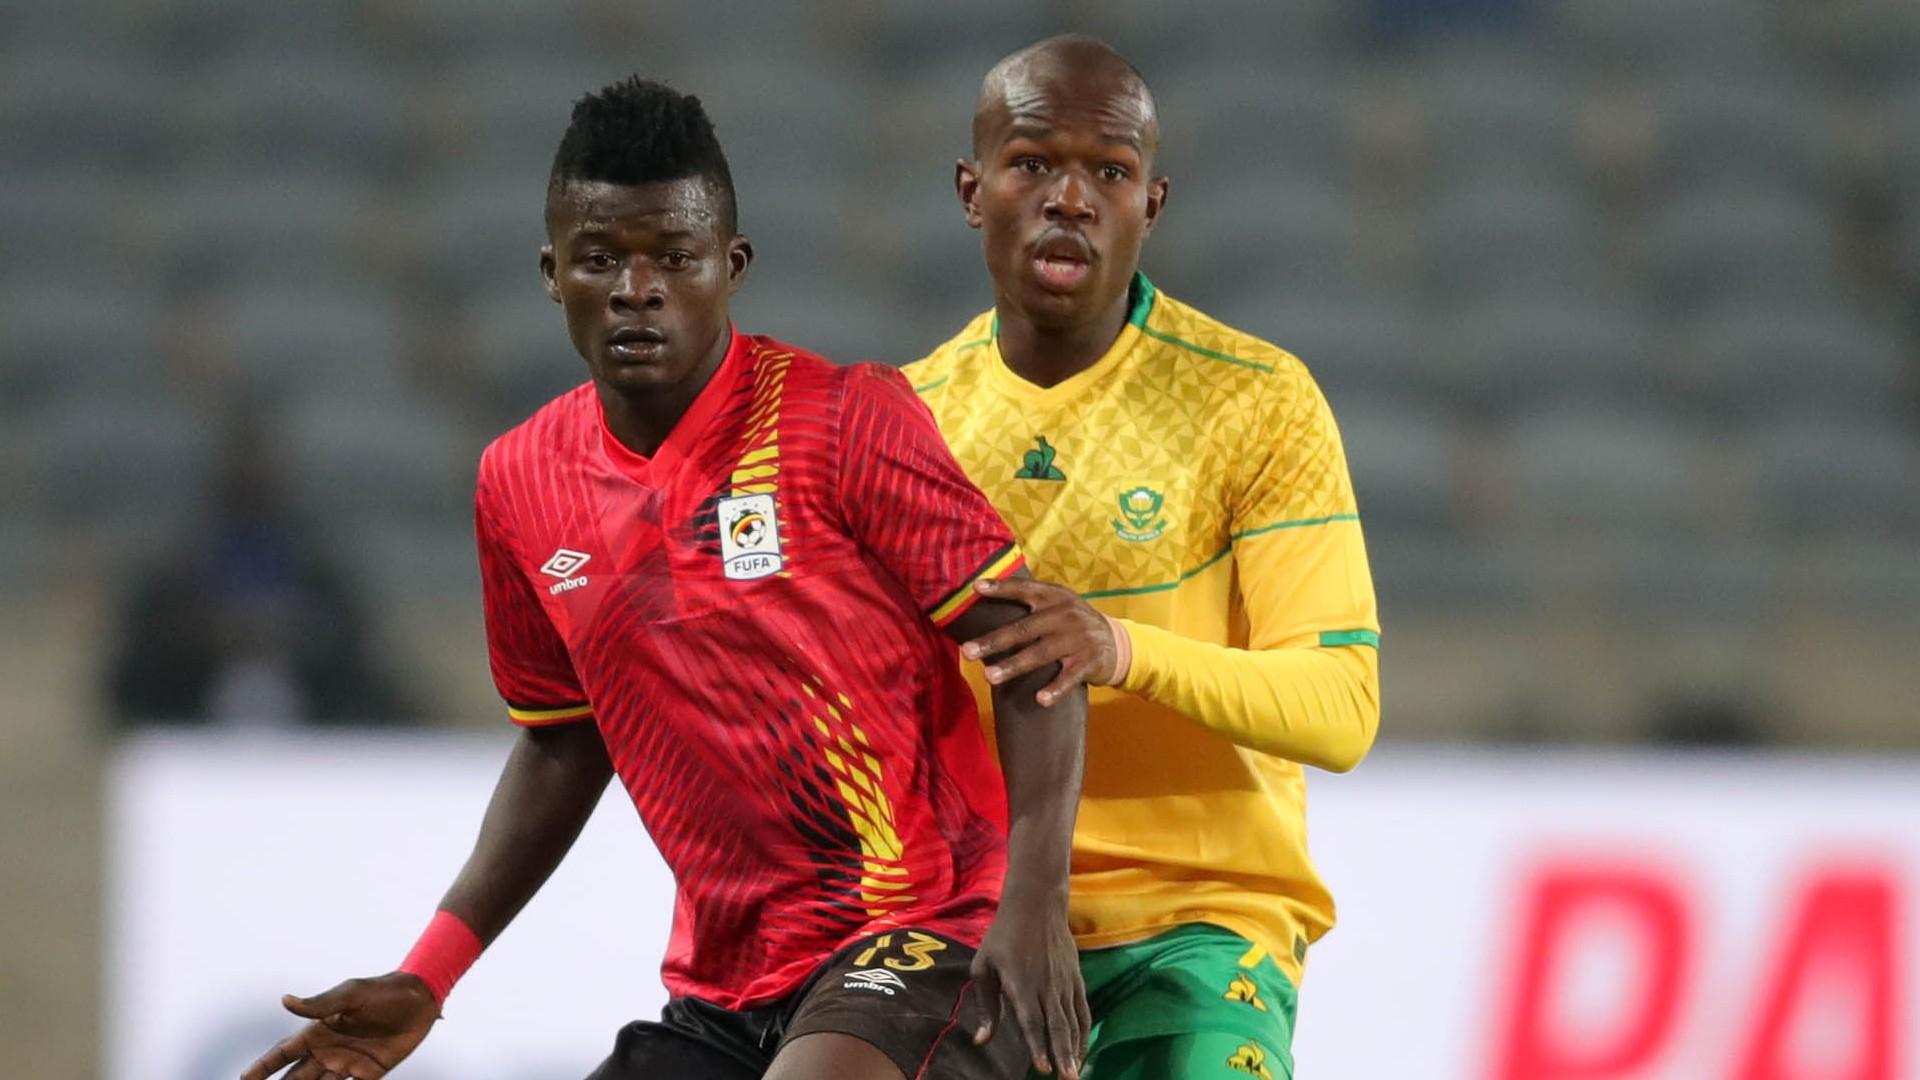 Bafana Bafana player ratings after Uganda win: Makgopa outstanding, Sibisi awful